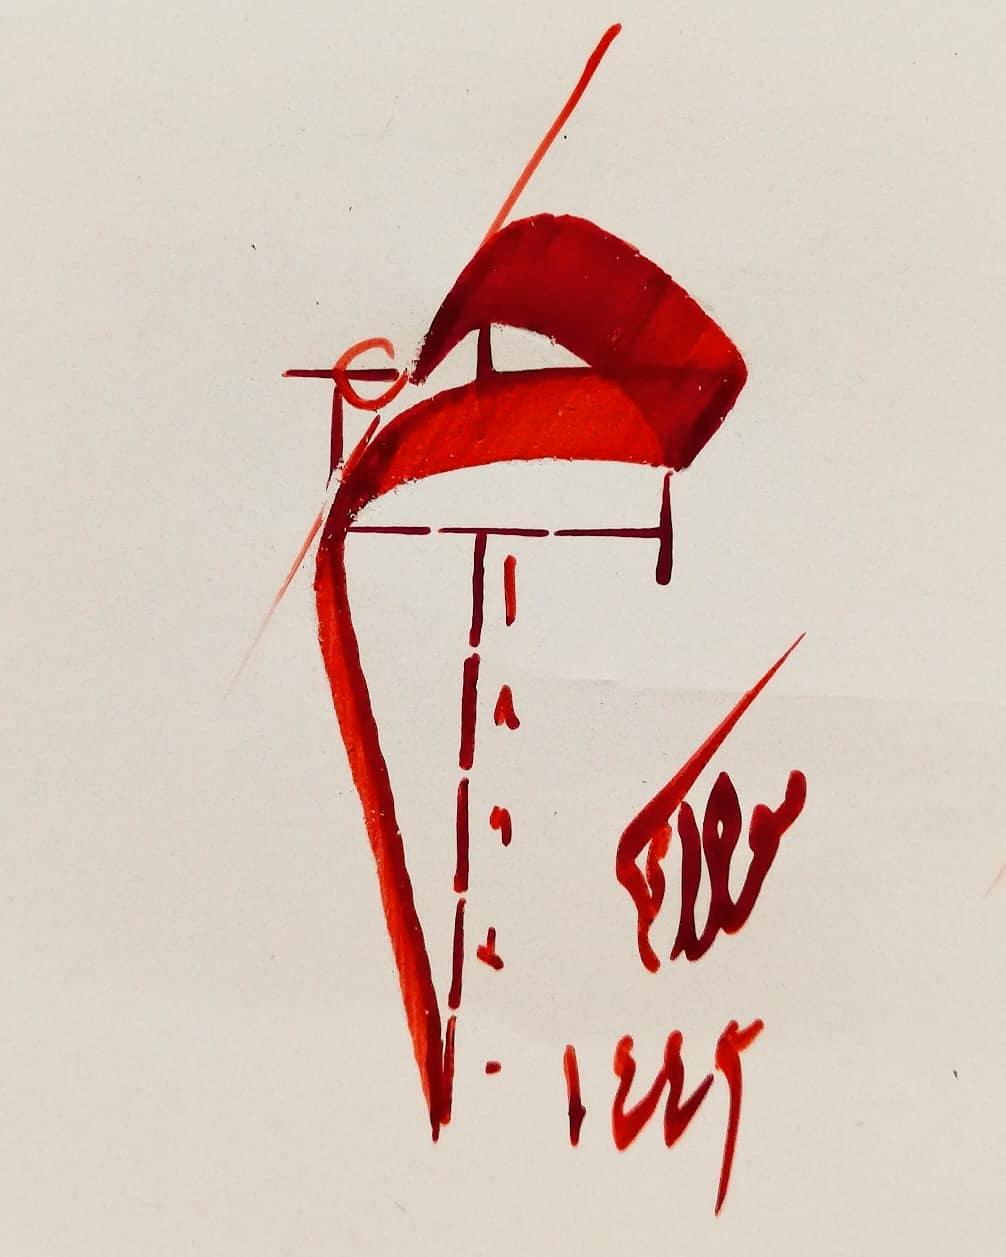 Arabic Calligraphy by Maulay Abdur Rahman  في كراسة الطالبة فاطمة في درس السبت في النادي الجزائري للخط العربي والزخرفة الاس… 594